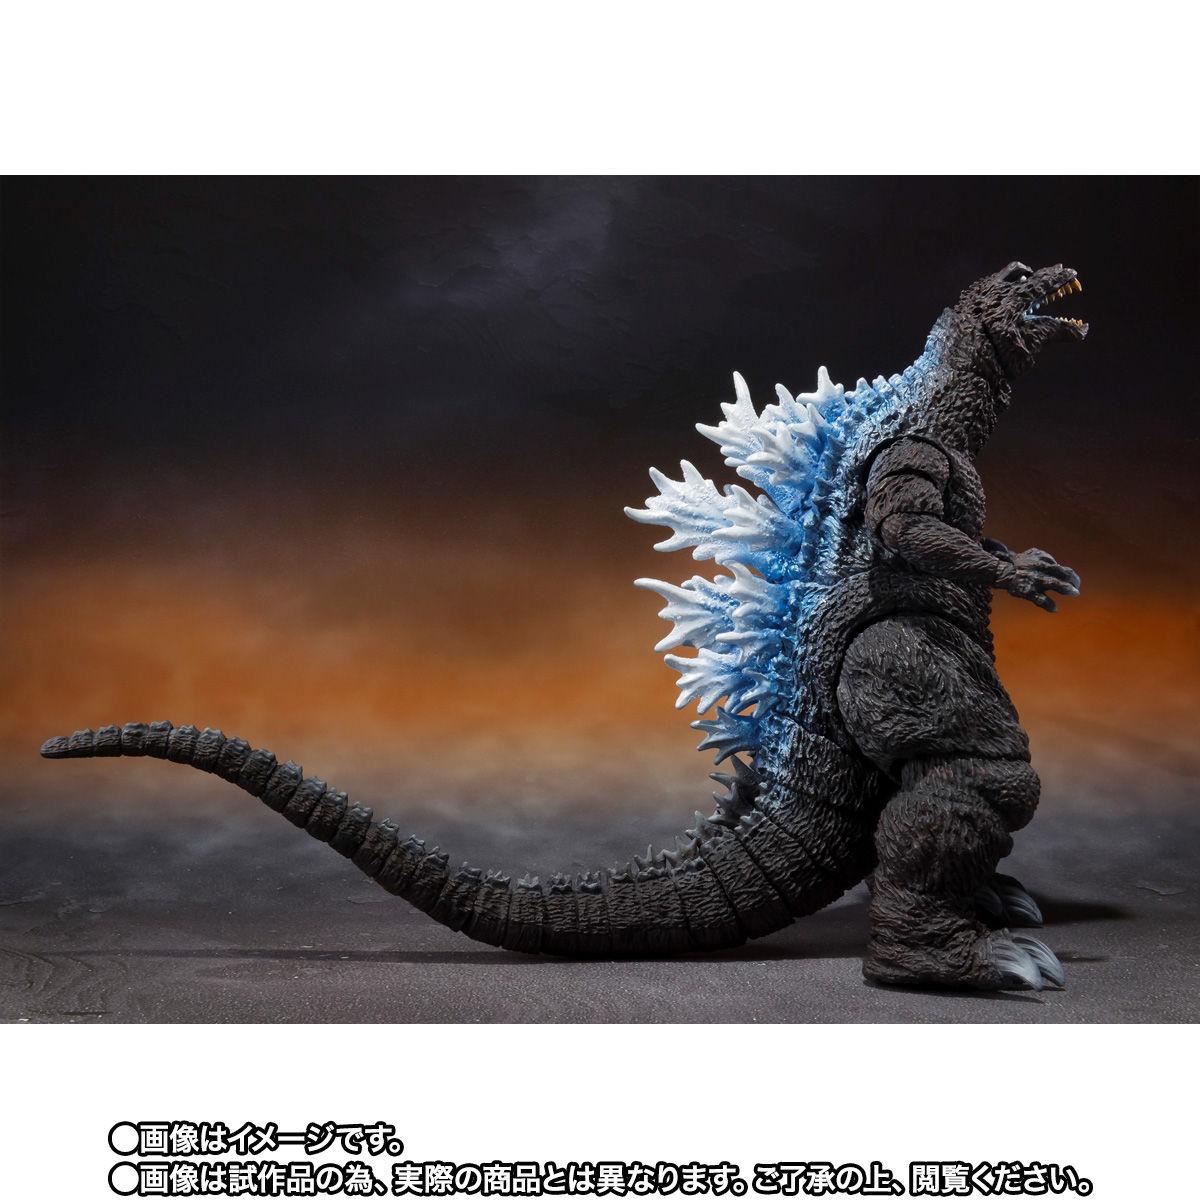 【限定販売】S.H.MonsterArts『ゴジラ(2001)放射熱線Ver.』大怪獣総攻撃 可動フィギュア-006